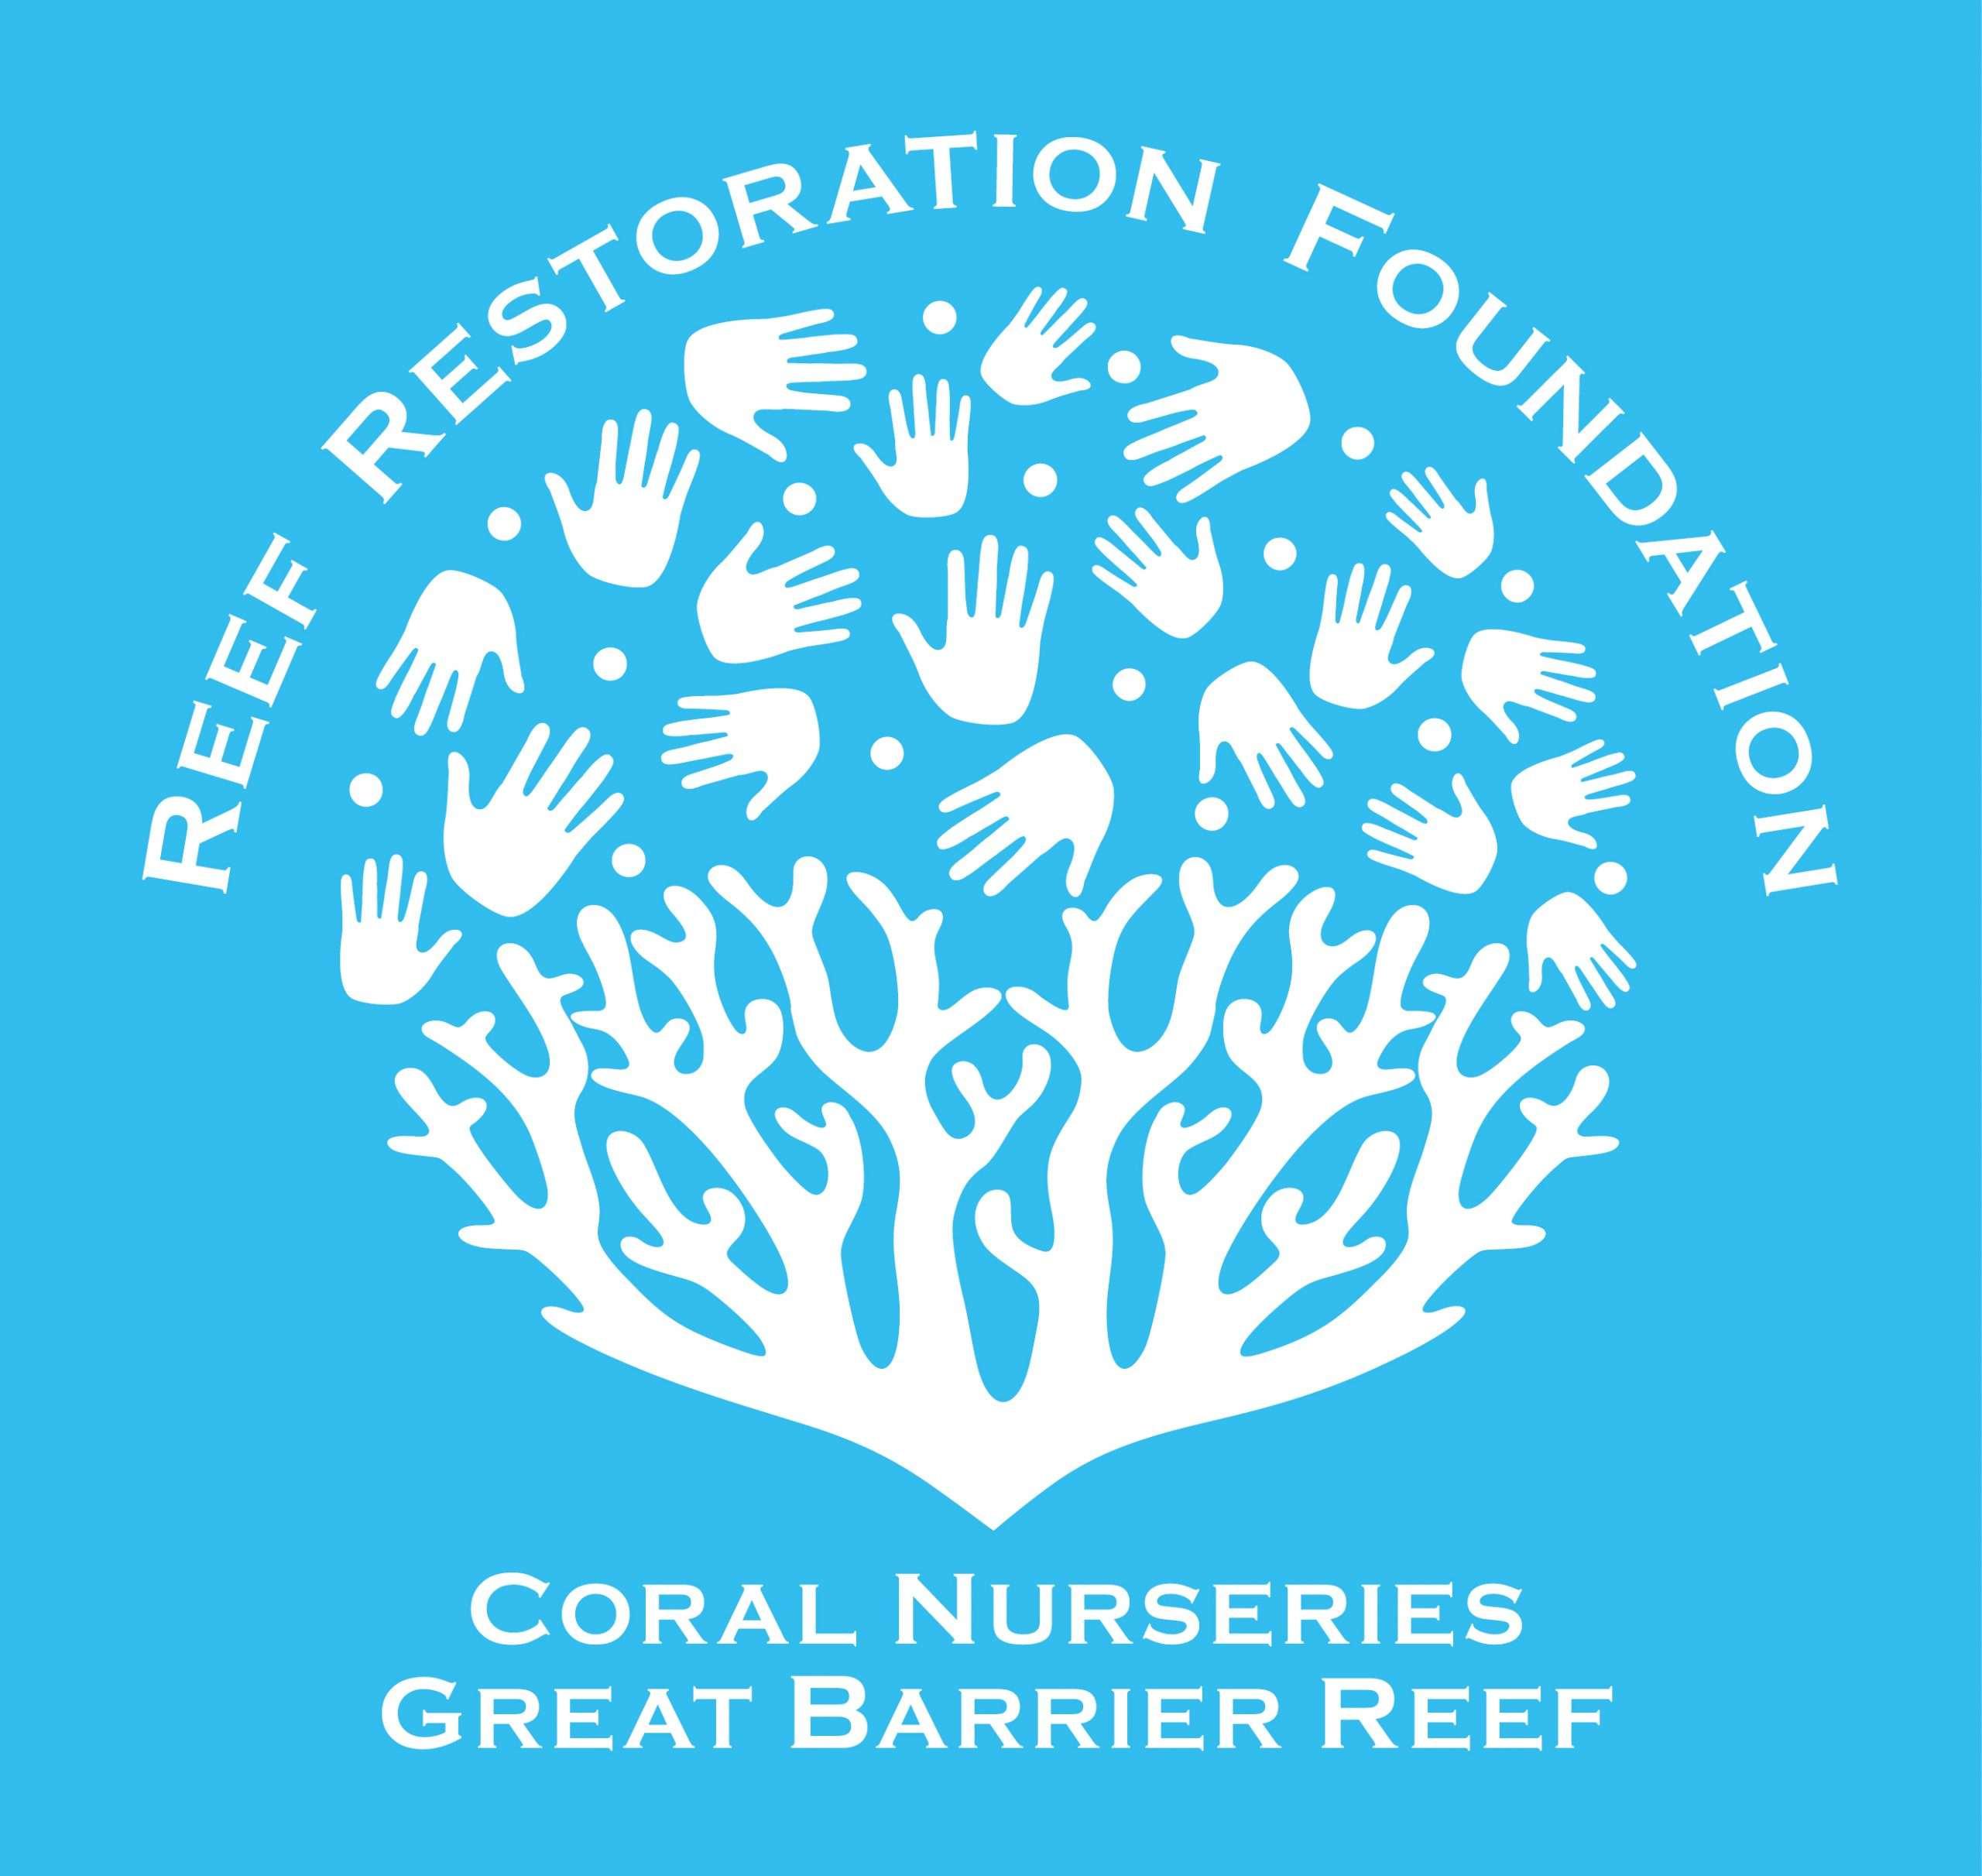 Reef Restoraion Foundation